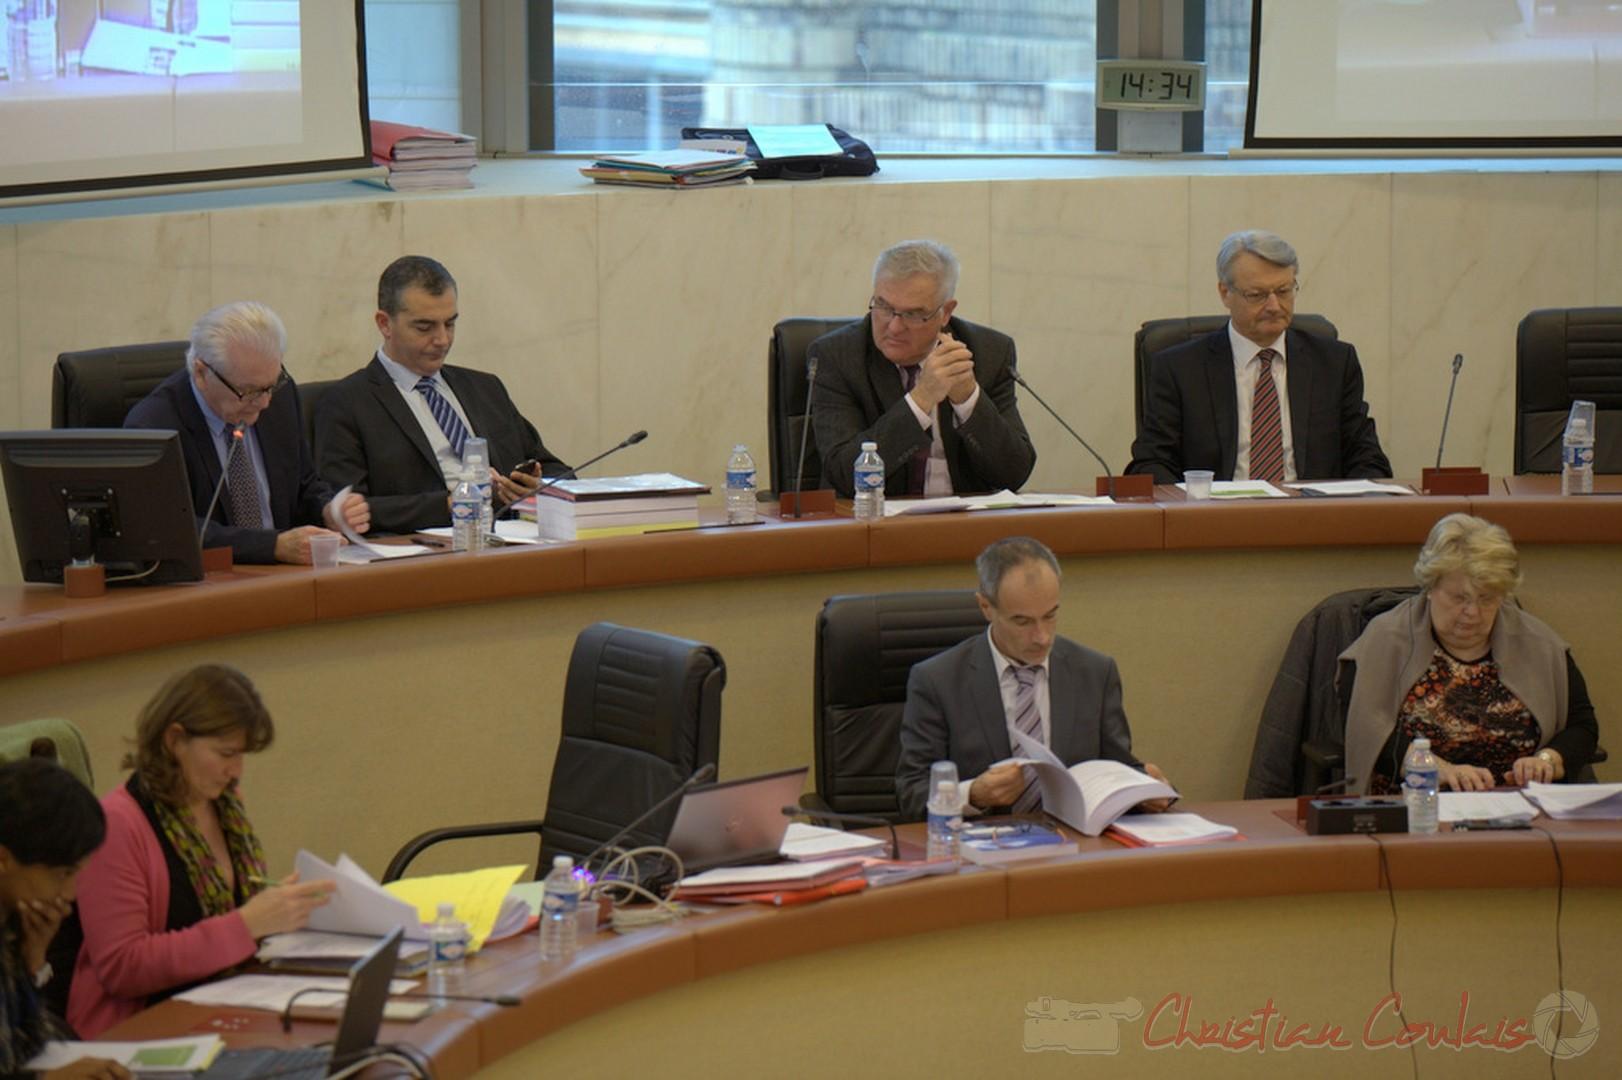 19 décembre 2014, vote du budget primitif 2015 du Conseil général, futur conseil départemental de la Gironde. Hôtel du département.